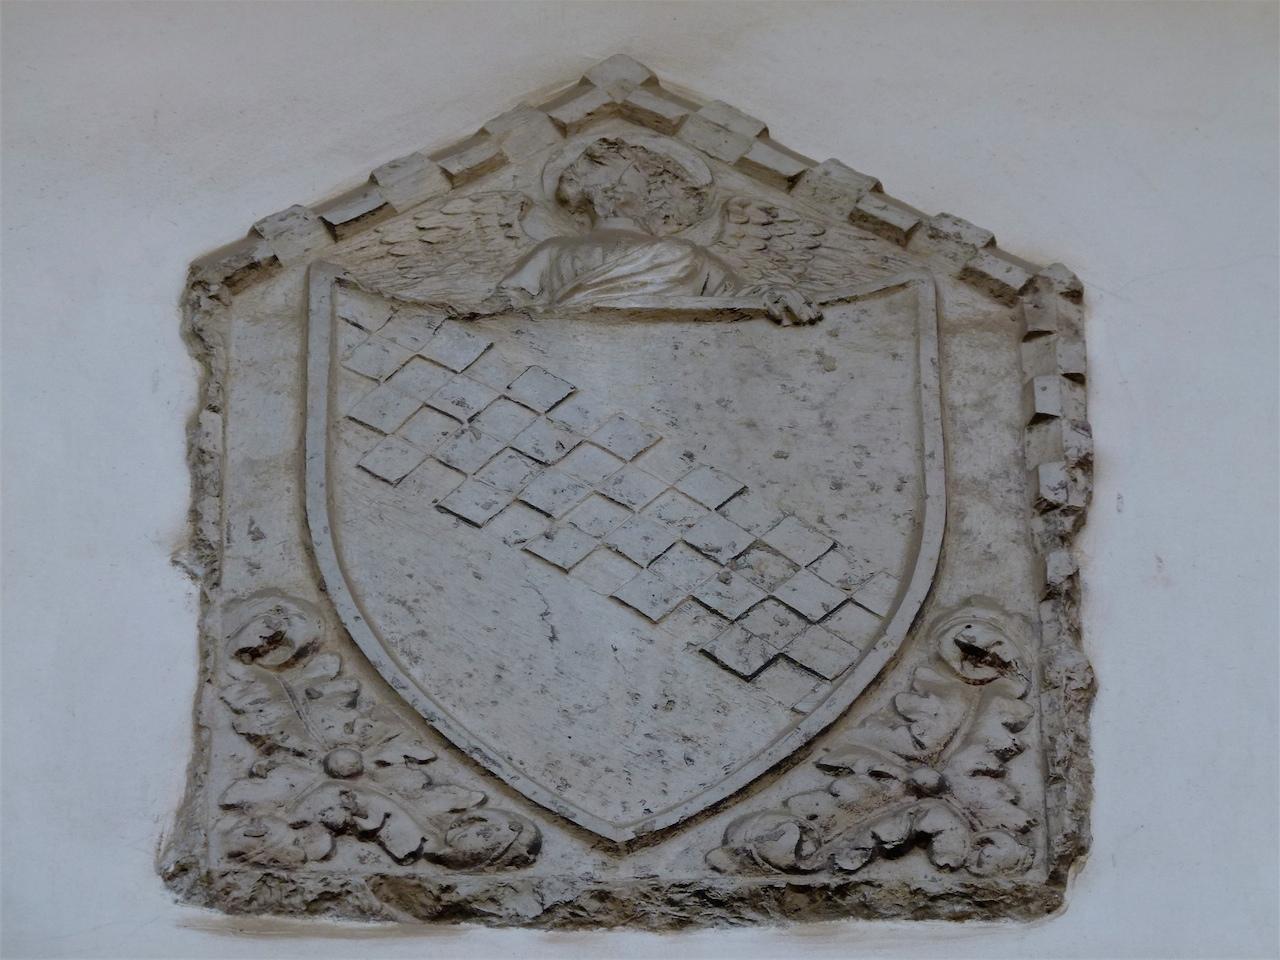 stemma gentilizio della famiglia Surian (rilievo, opera isolata) - ambito veneziano (secc. XIV-XV)